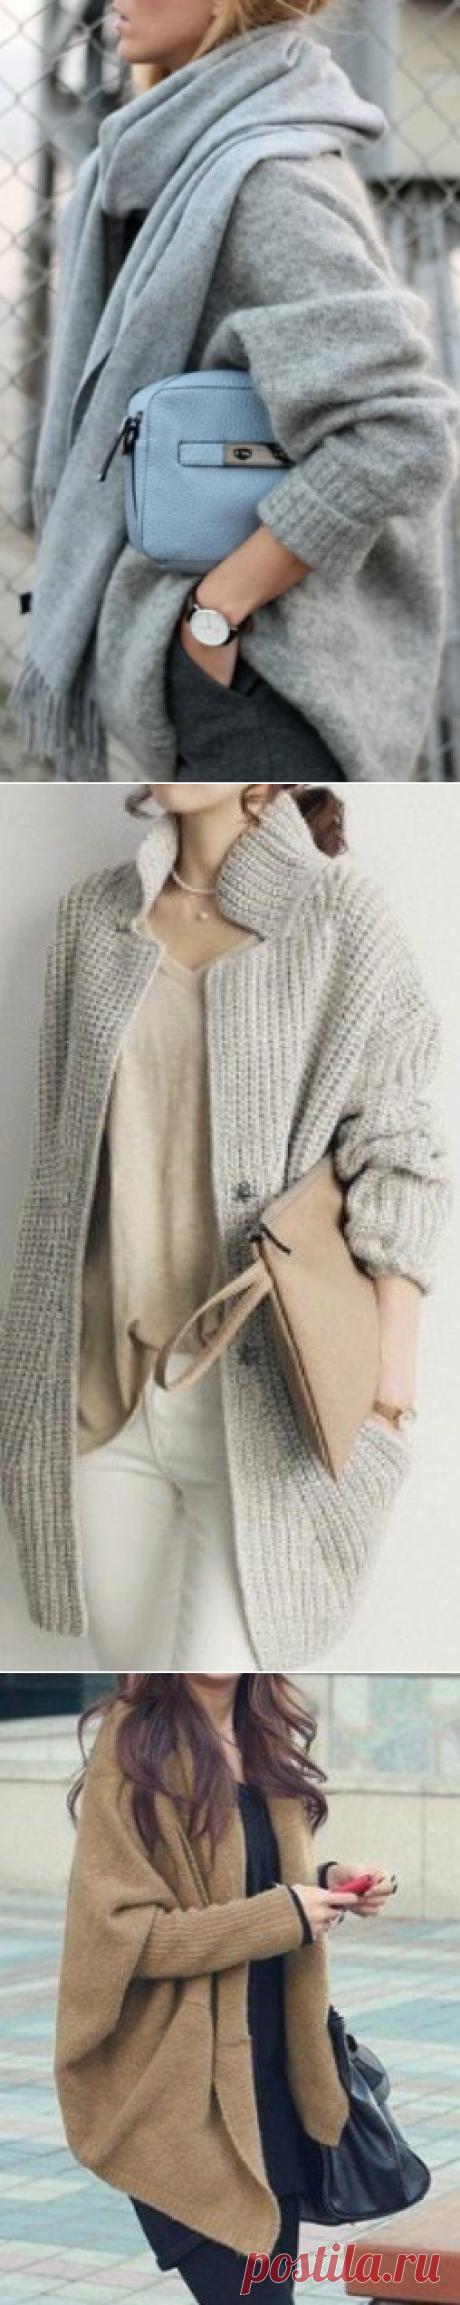 ¡Look! ¡Con extravagancia y es confortable! — es a la moda \/ Nemodno